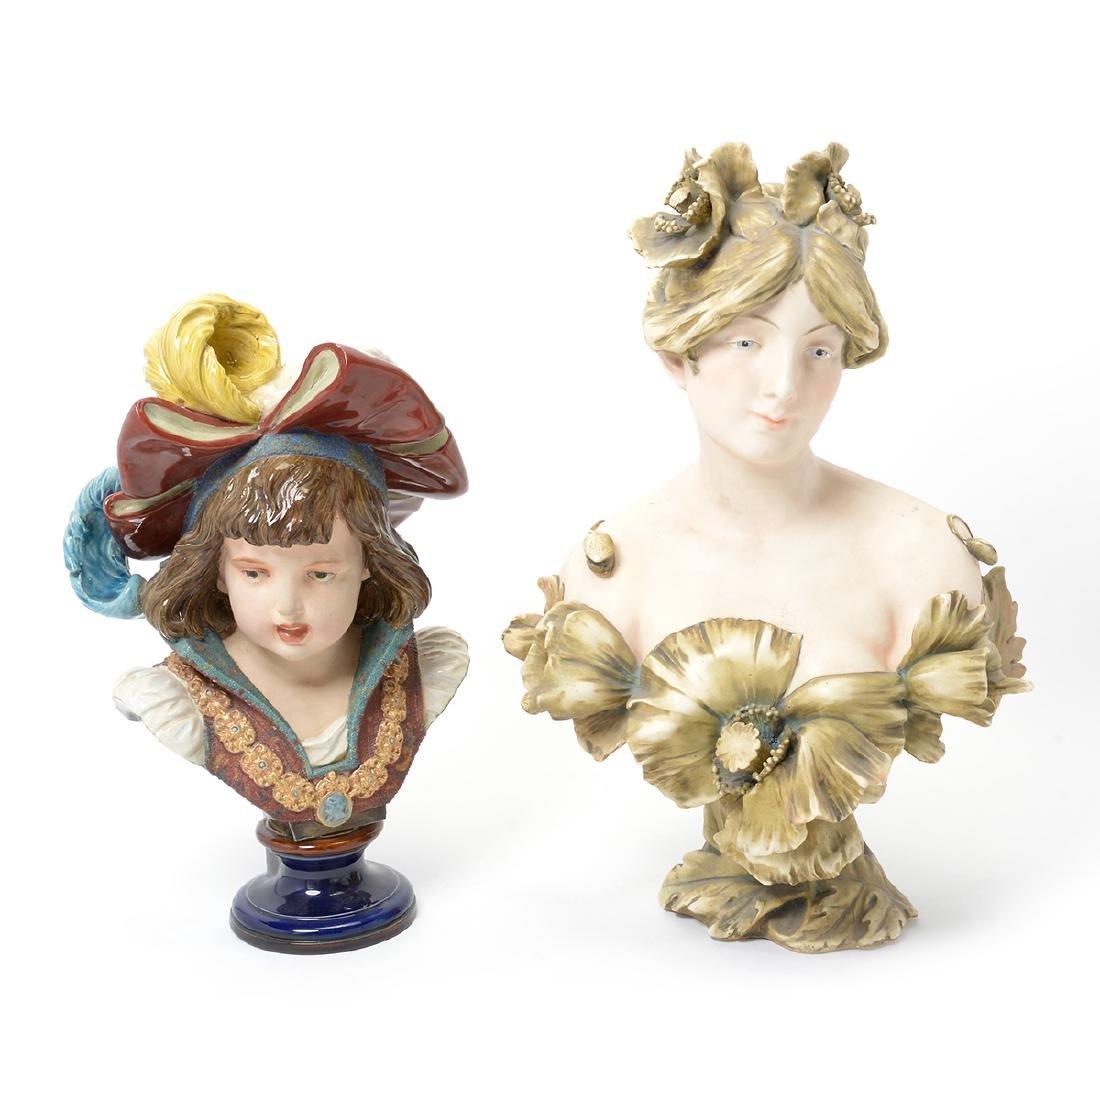 Austrian Art Nouveau Amphora Porcelain Bust of a Lady